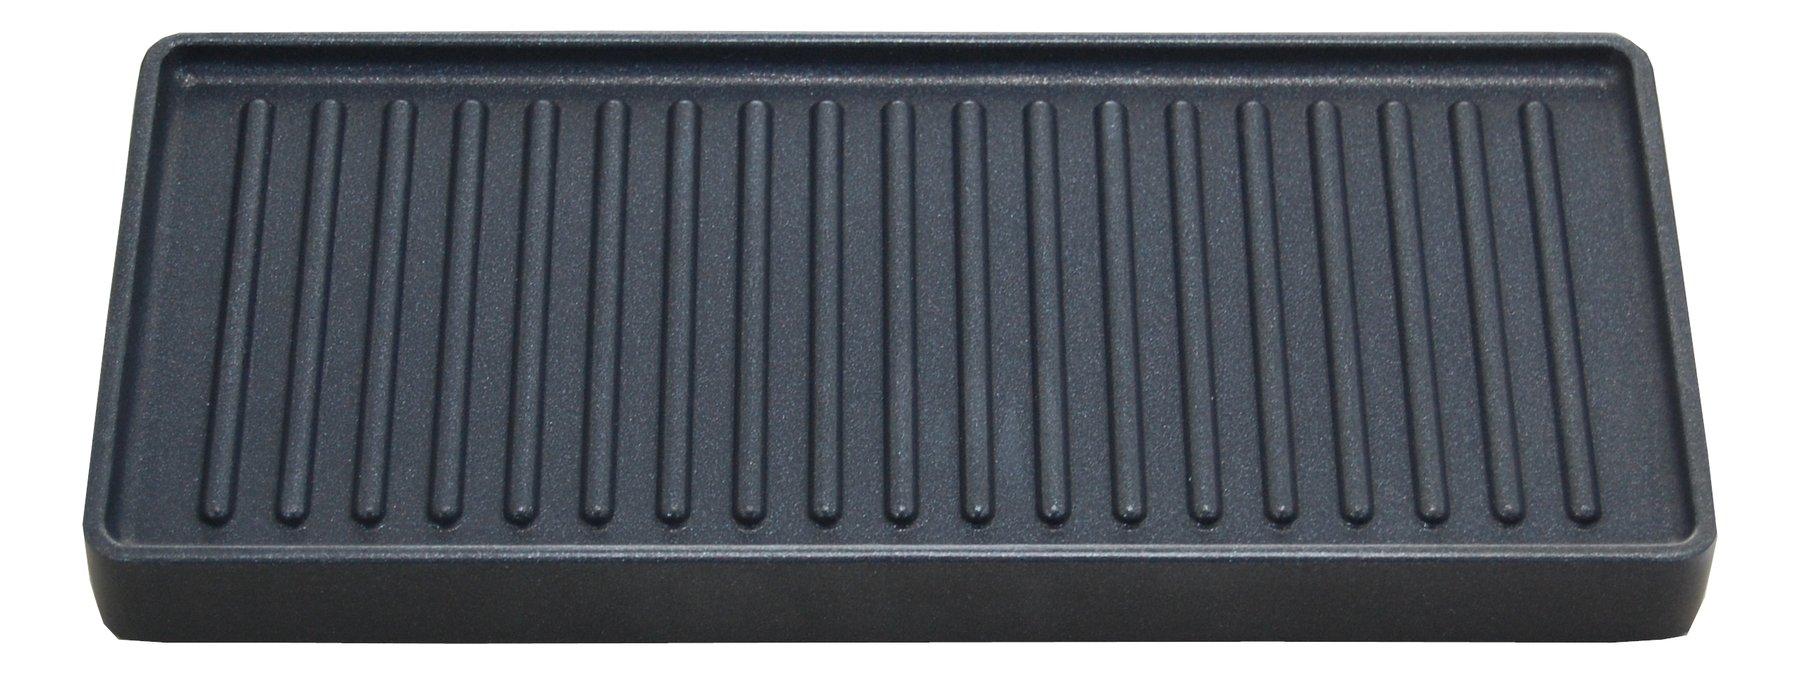 spring alu grillplatte f r raclette 2 compact. Black Bedroom Furniture Sets. Home Design Ideas